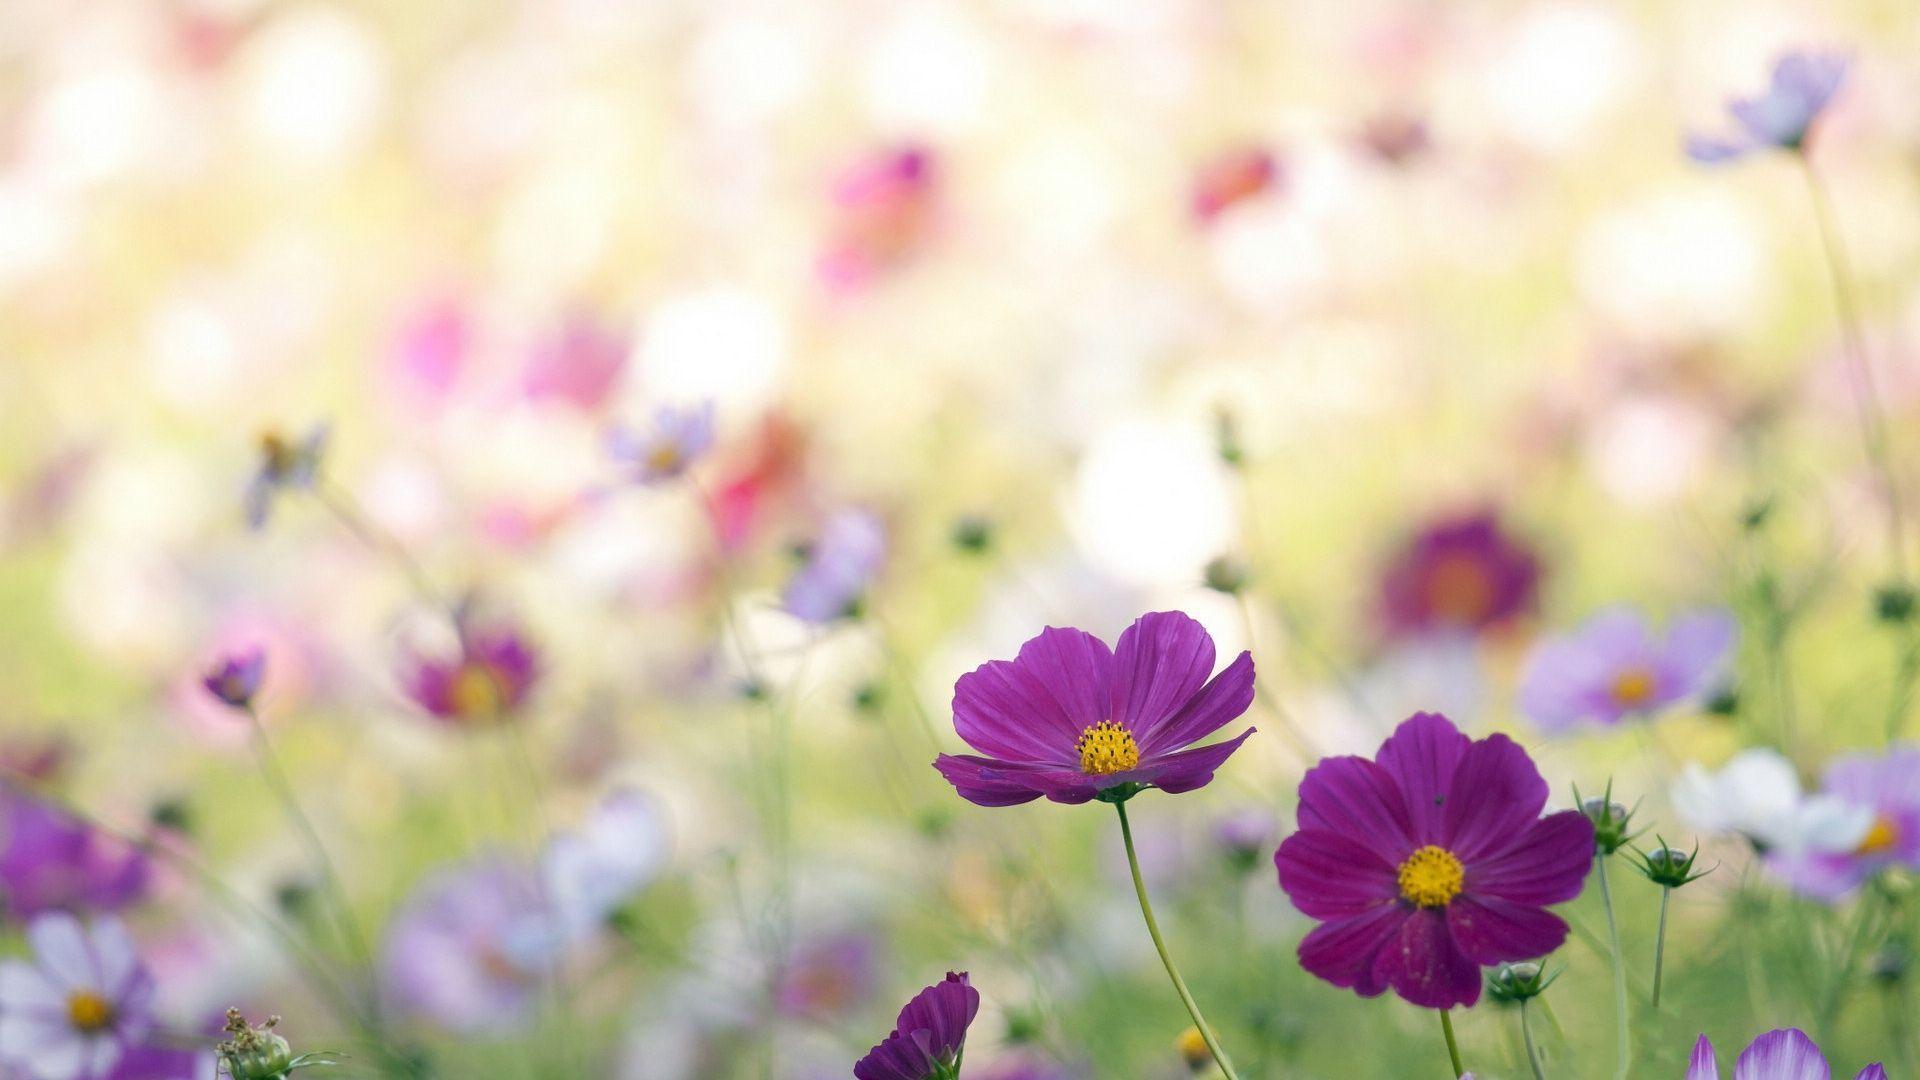 hình ảnh hoa cỏ dại đẹp